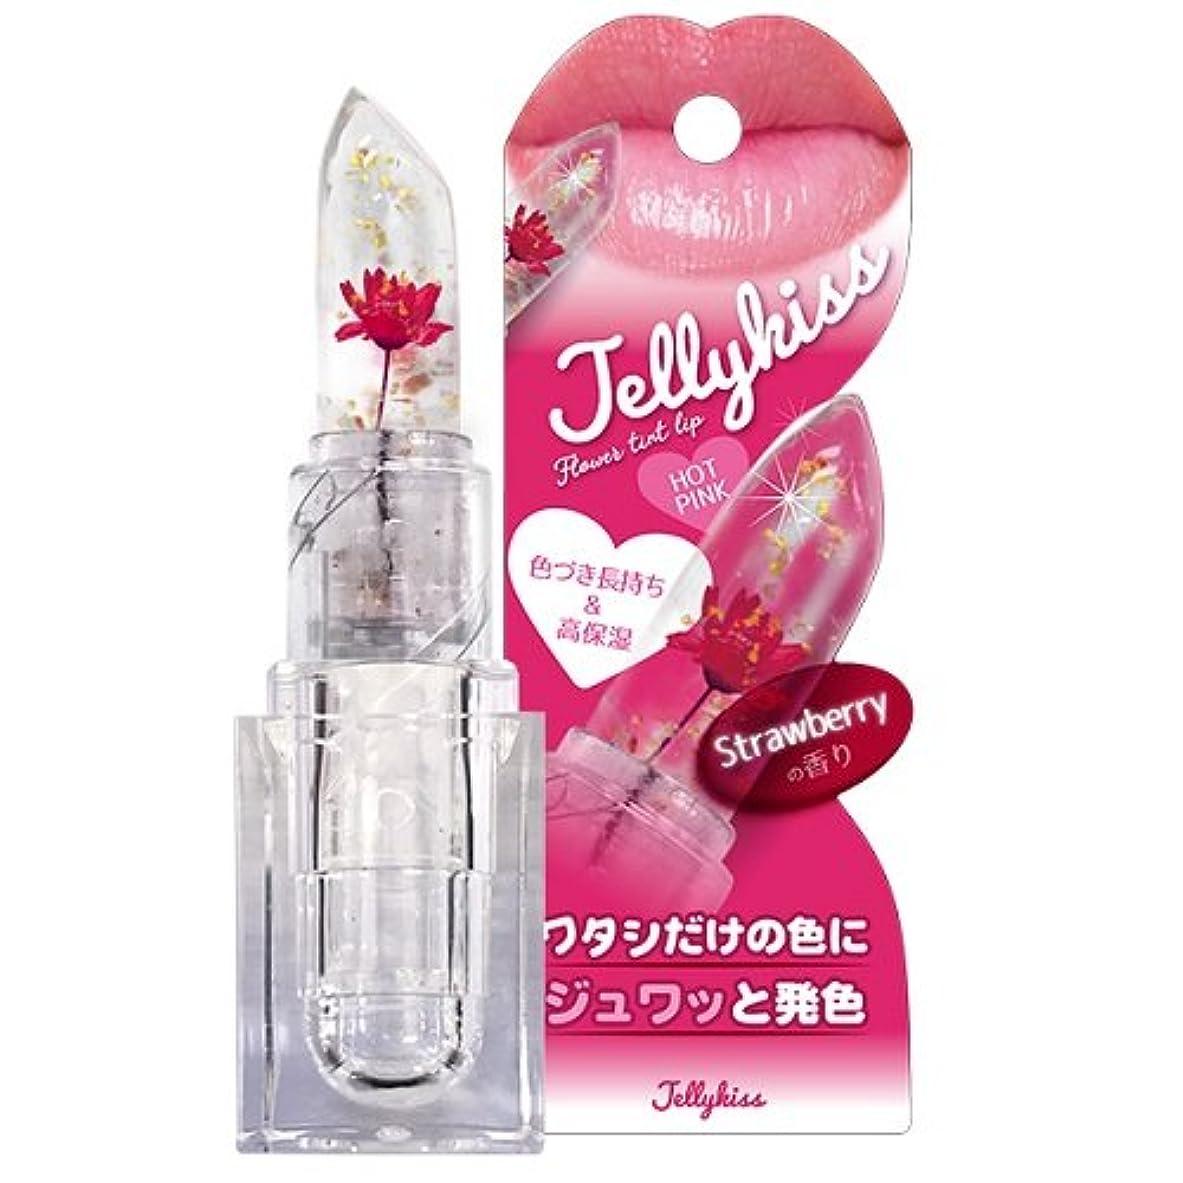 見る人腐敗キッチンジェリキス (Jelly kiss) 01 ホットピンク 3.5g